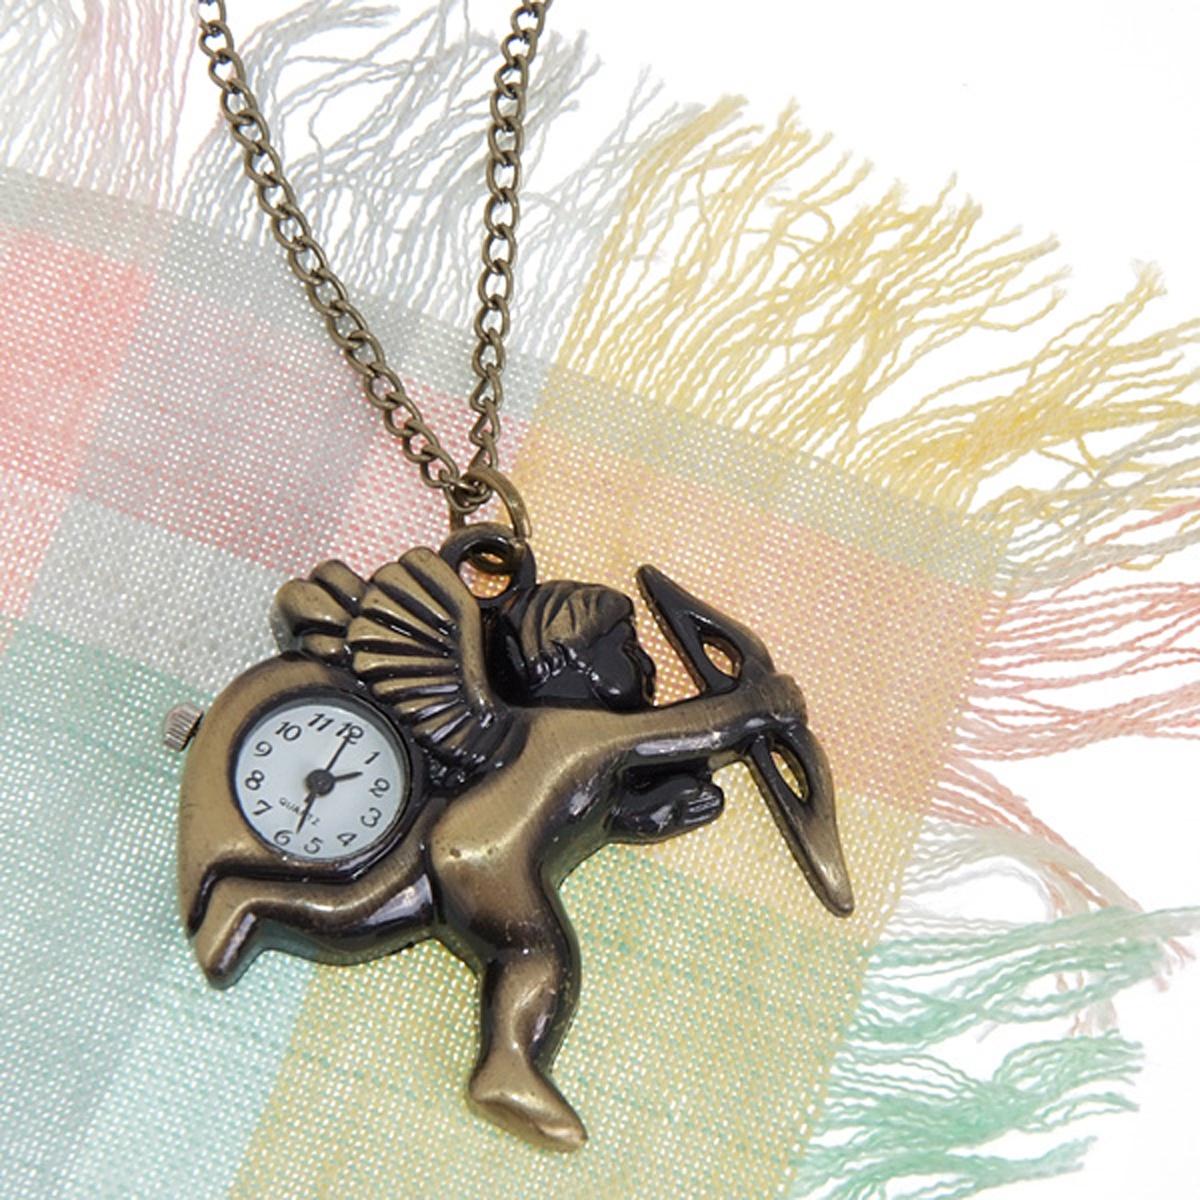 Карманные часы Mitya Veselkov ANTIK003, бронзаANTIK-003Украшение для интересных людей. Материал: сплав металлов. Цвет: бронзовый.